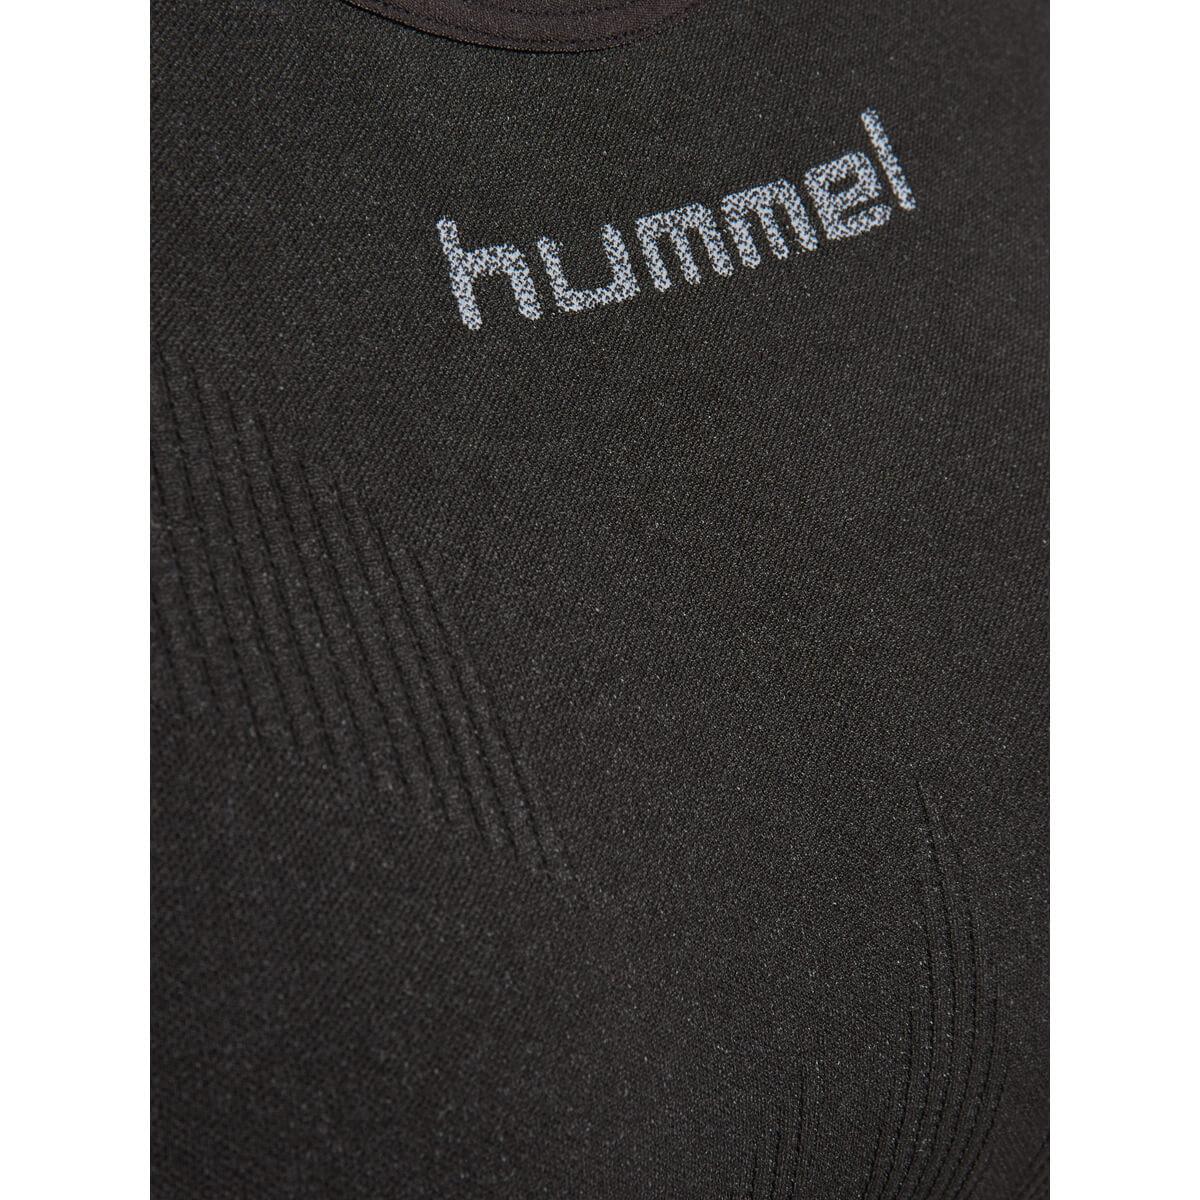 hummel First Comfort Sports BH Dame